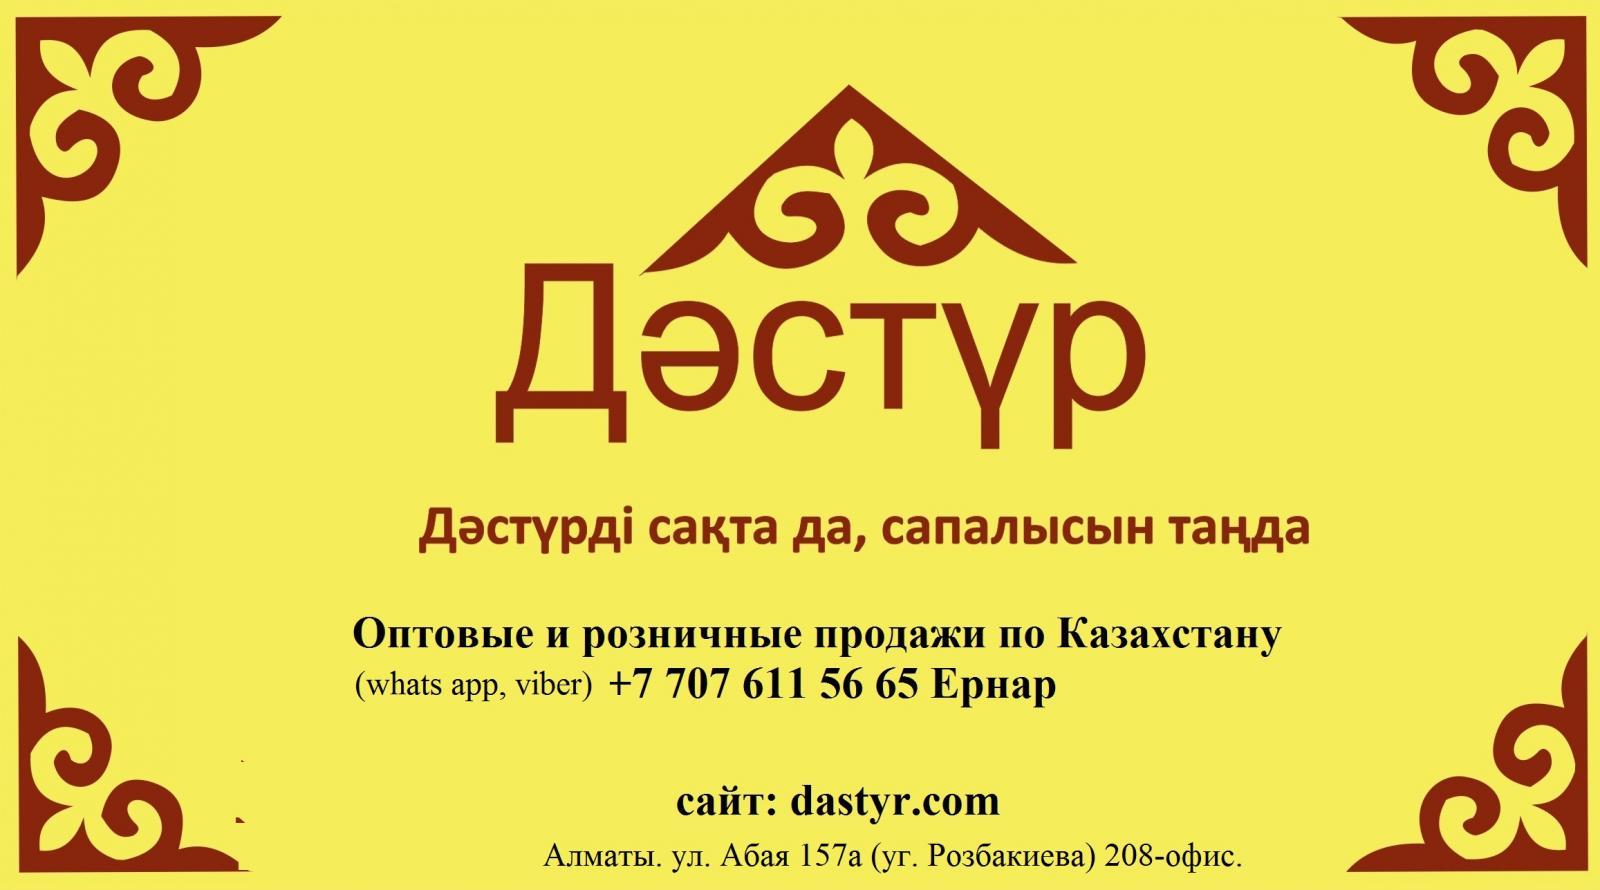 Интернет-магазин ювелирных изделий и украшений из серебра 63